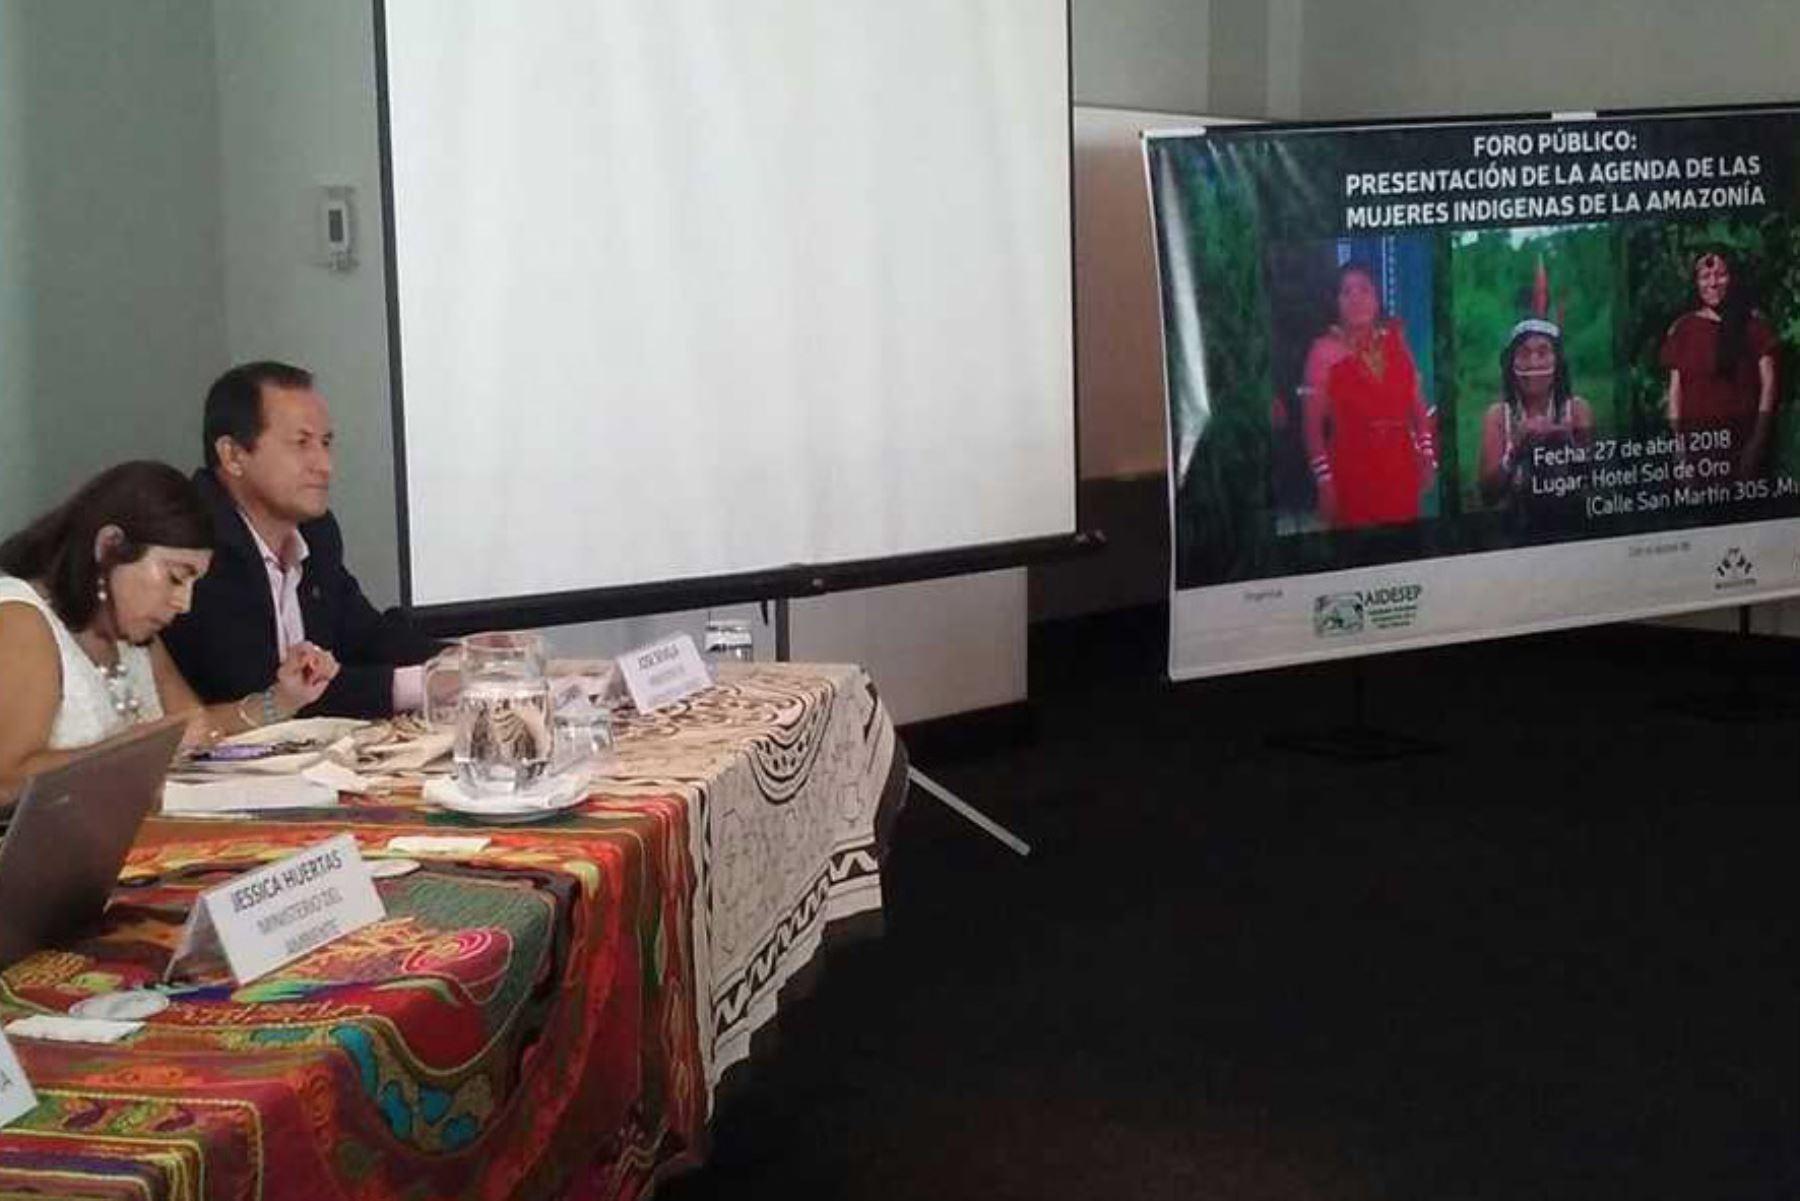 """La titulación de cientos de comunidades nativas será posible gracias al compromiso asumido por el Gobierno del Perú, a través del proyecto """"Catastro, Titulación y Registro de Tierras Rurales en el Perú, Tercera Etapa"""" (PTRT3) que próximamente ejecutará el Ministerio de Agricultura y Riego (Minagri) en las regiones de Loreto, Amazonas, Cajamarca, Huánuco, Junín San Martín y Ucayali."""